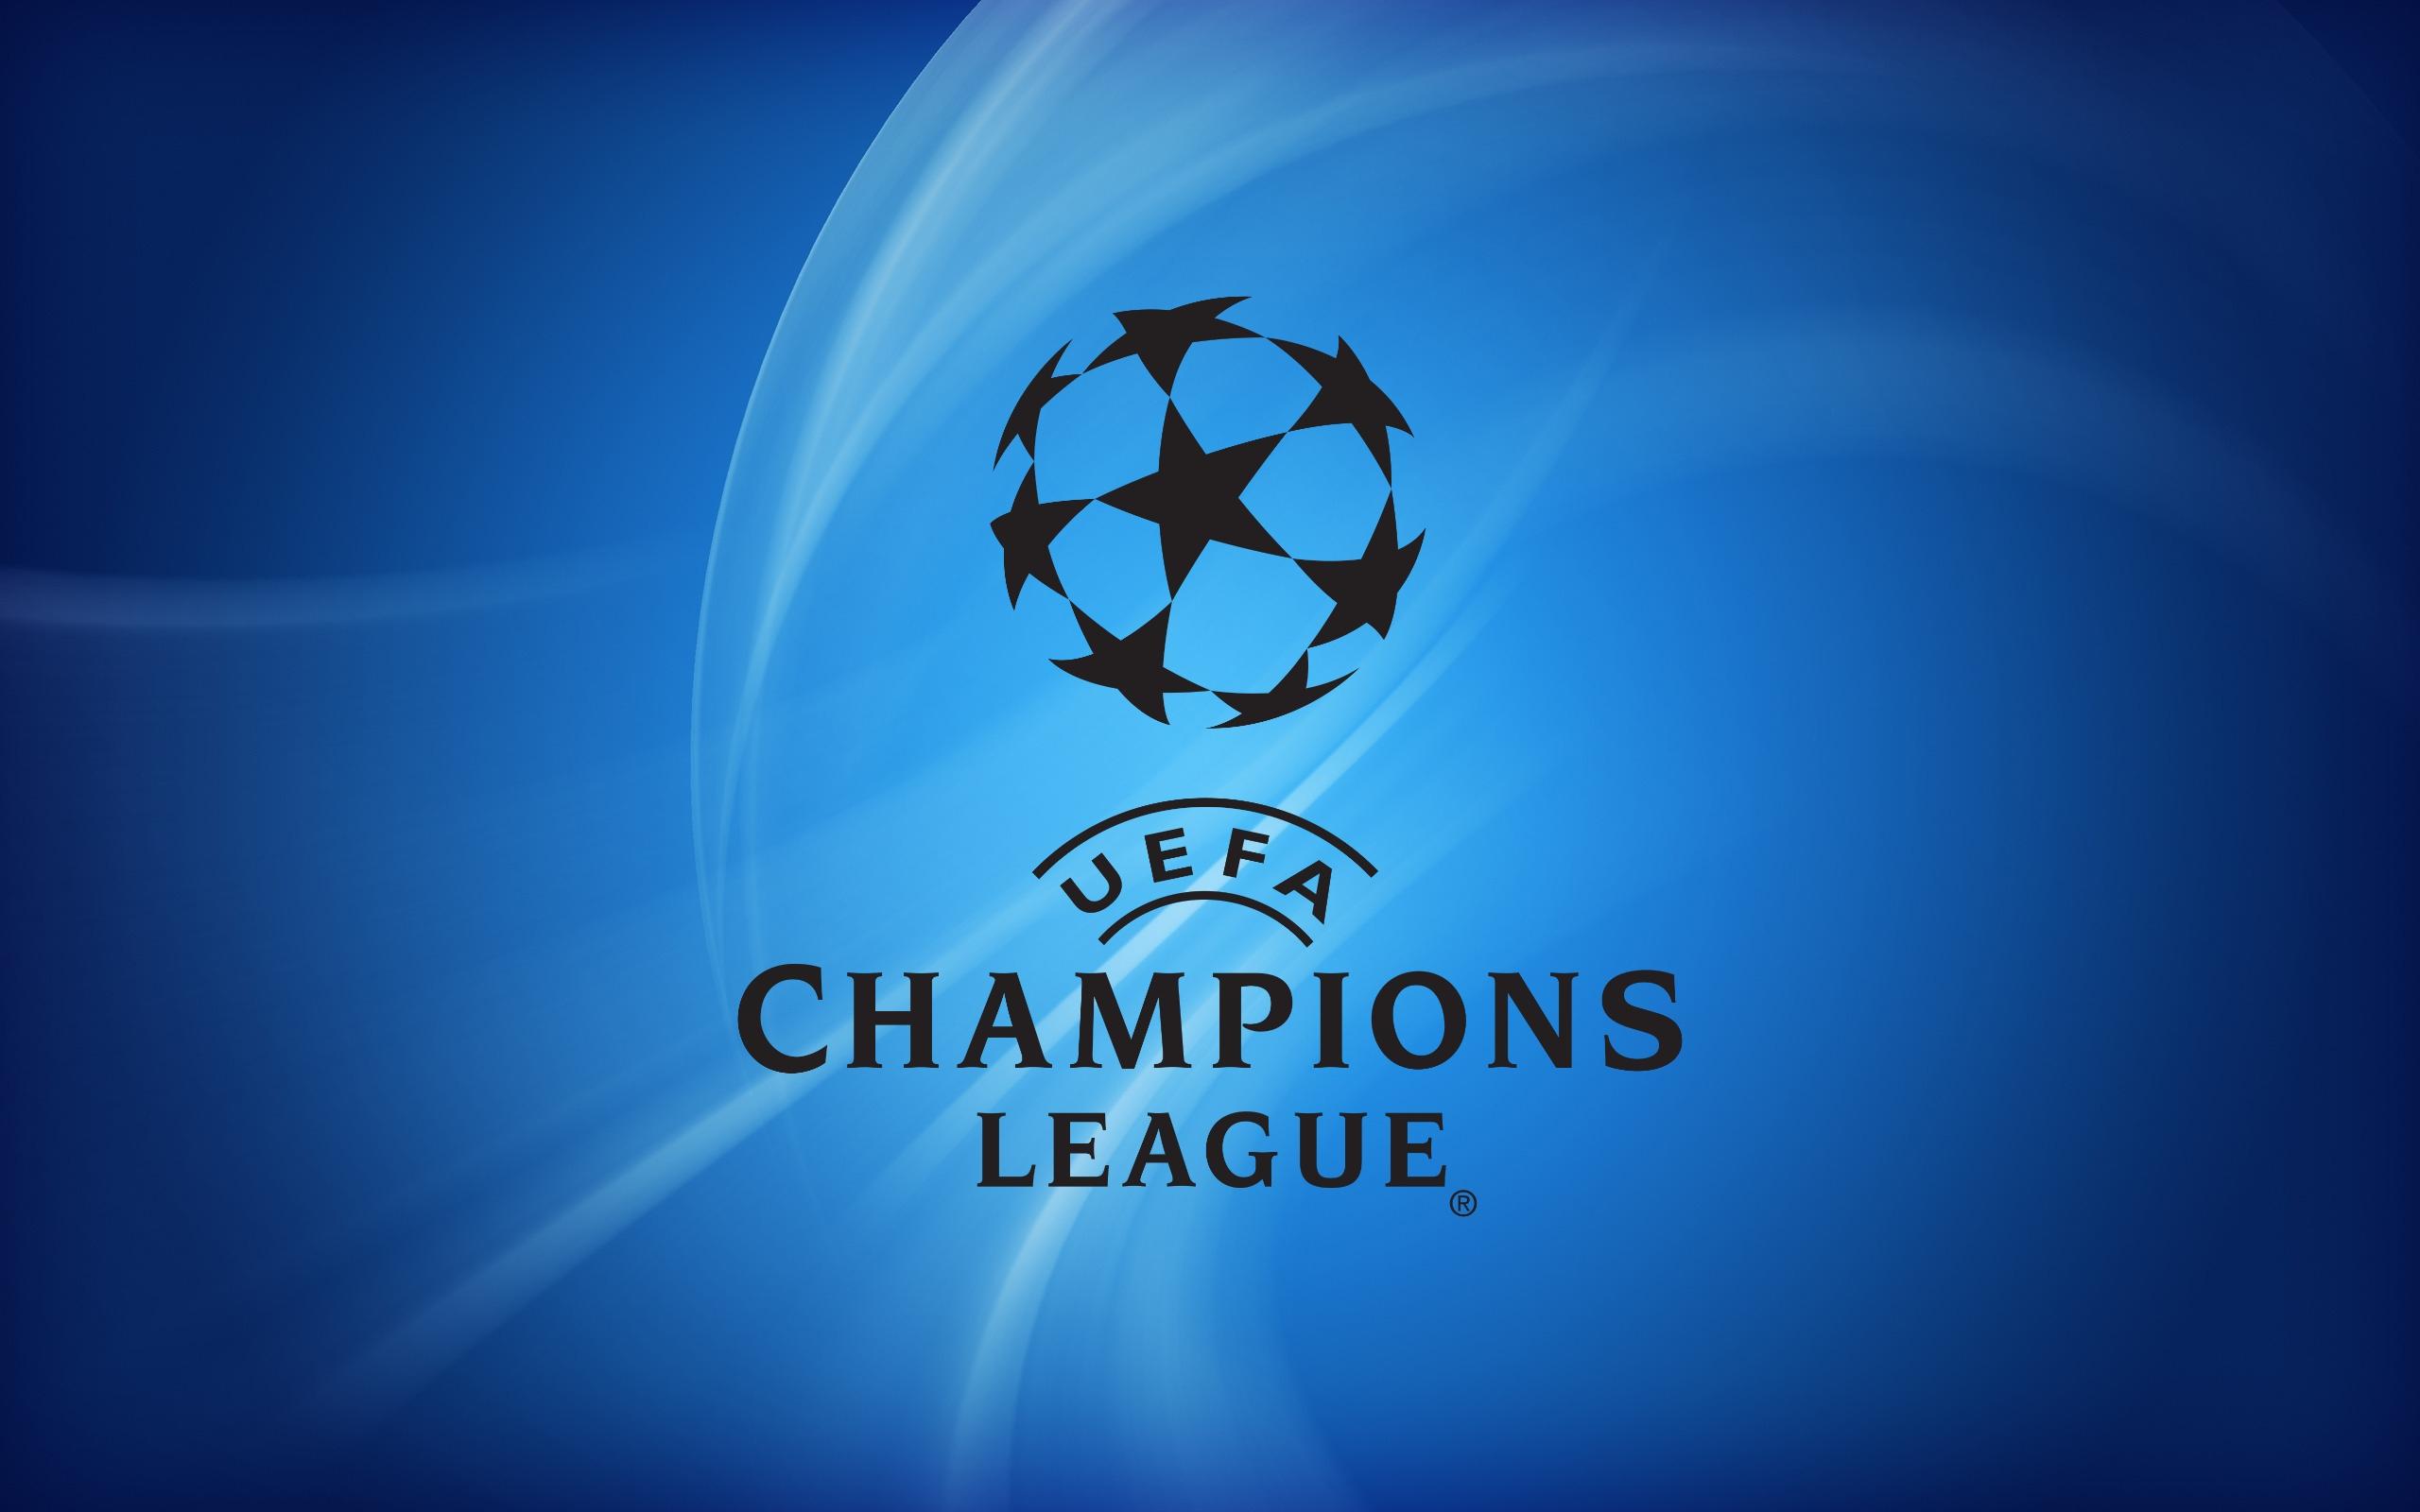 Картинка: Лига чемпионов, УЕФА, UEFA, эмблема